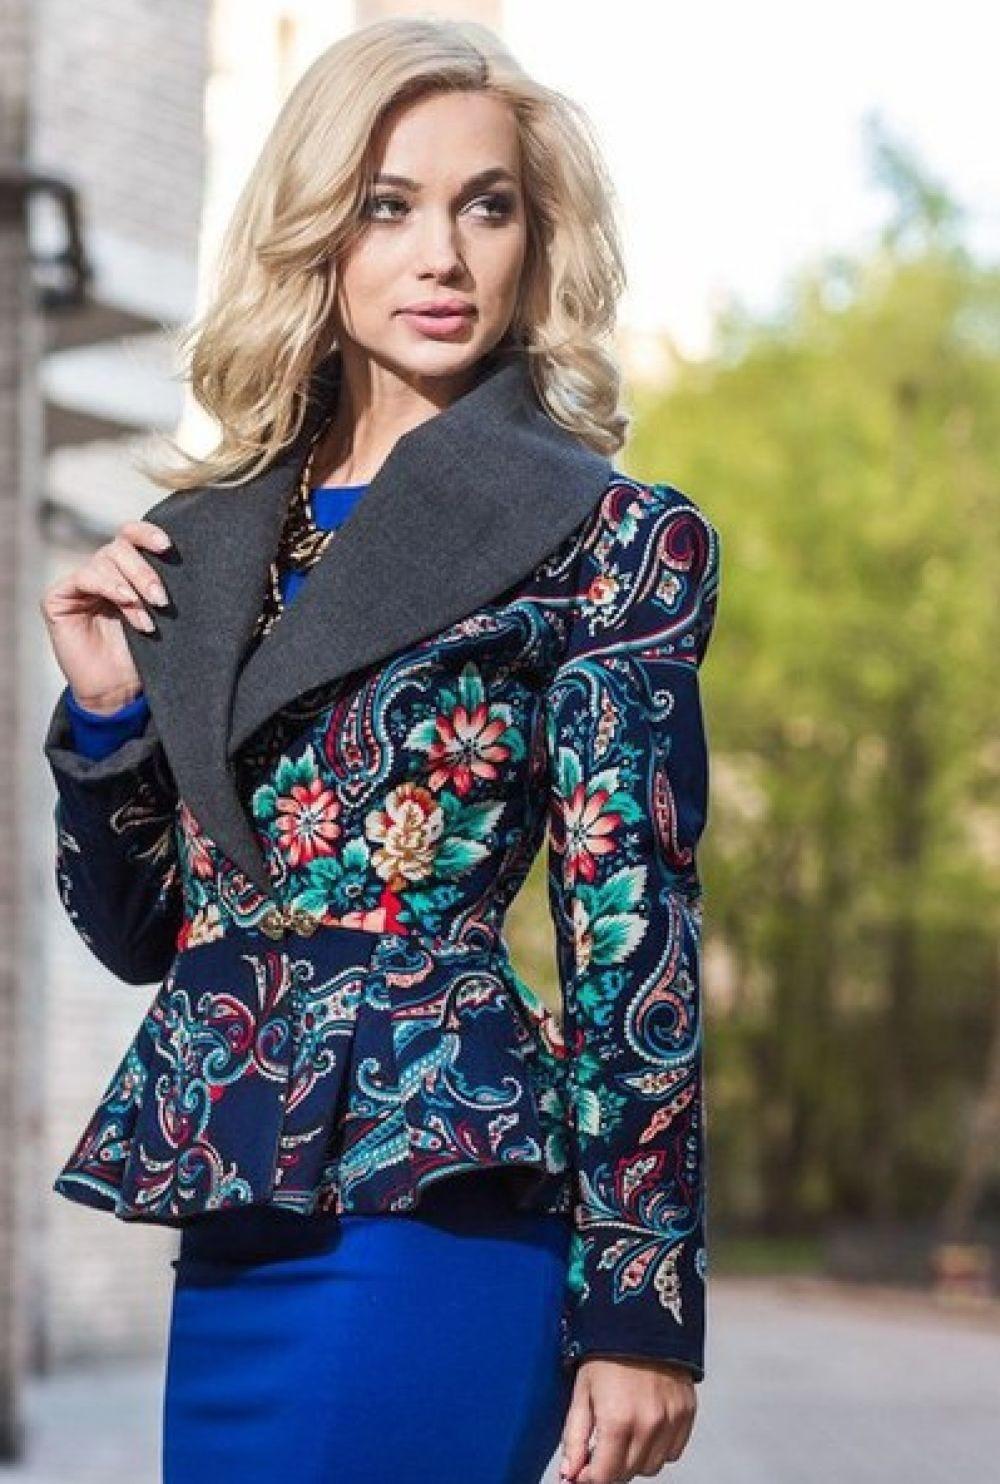 модное пальто осень зима 2018 2019 укороченное под пояс приталенное в цветы